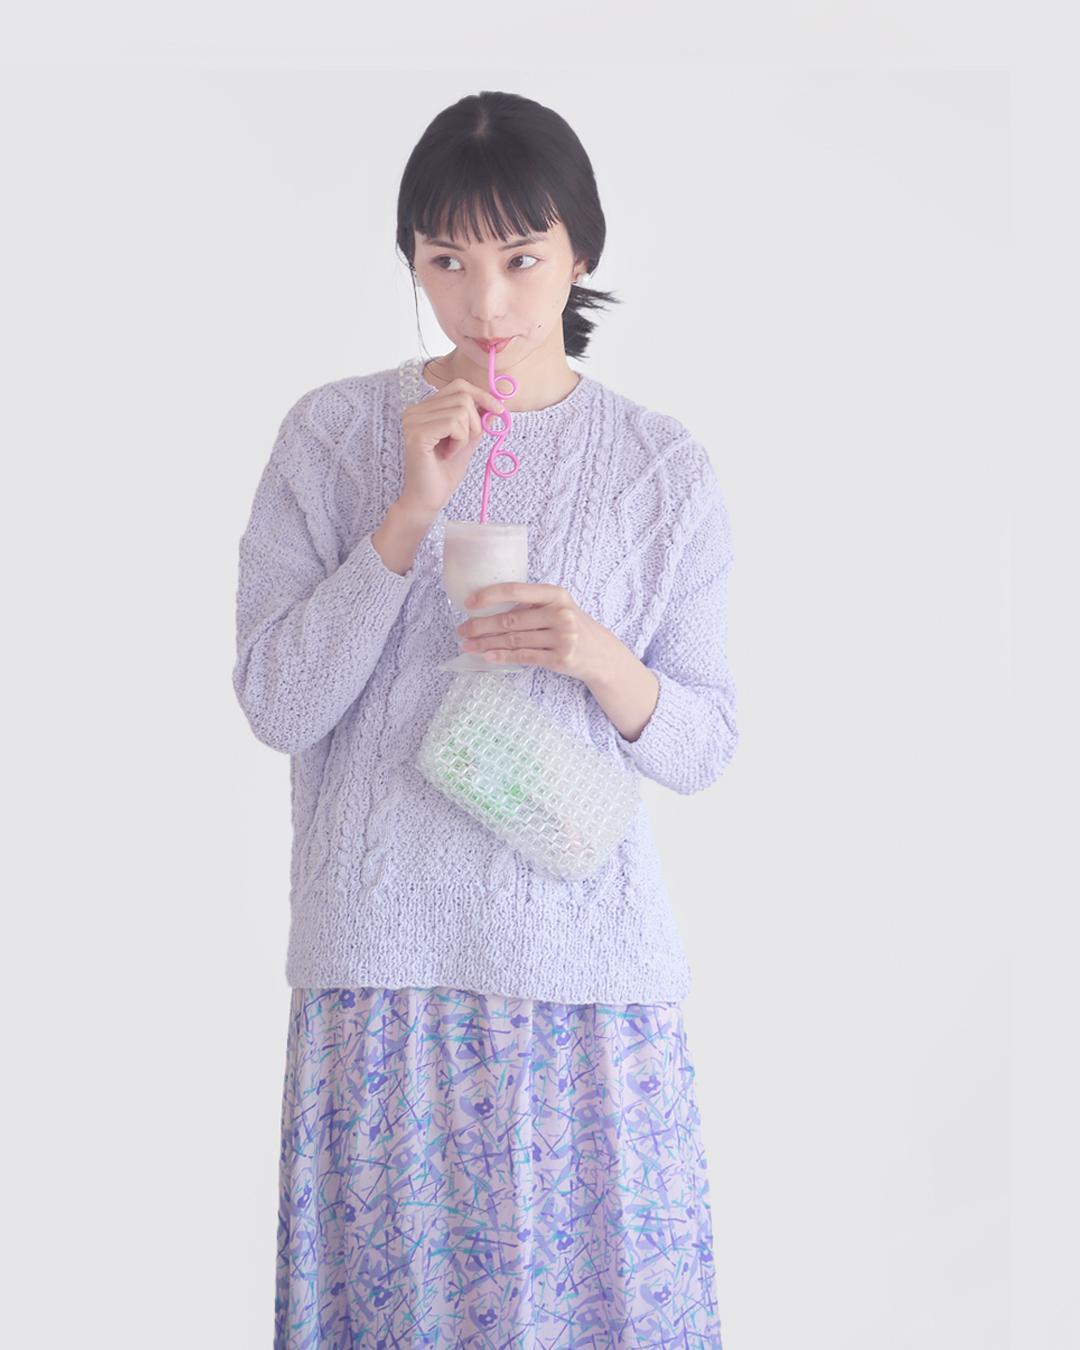 『itoito Pop-up Shop』7/2(Fri)~7/11(Sun)